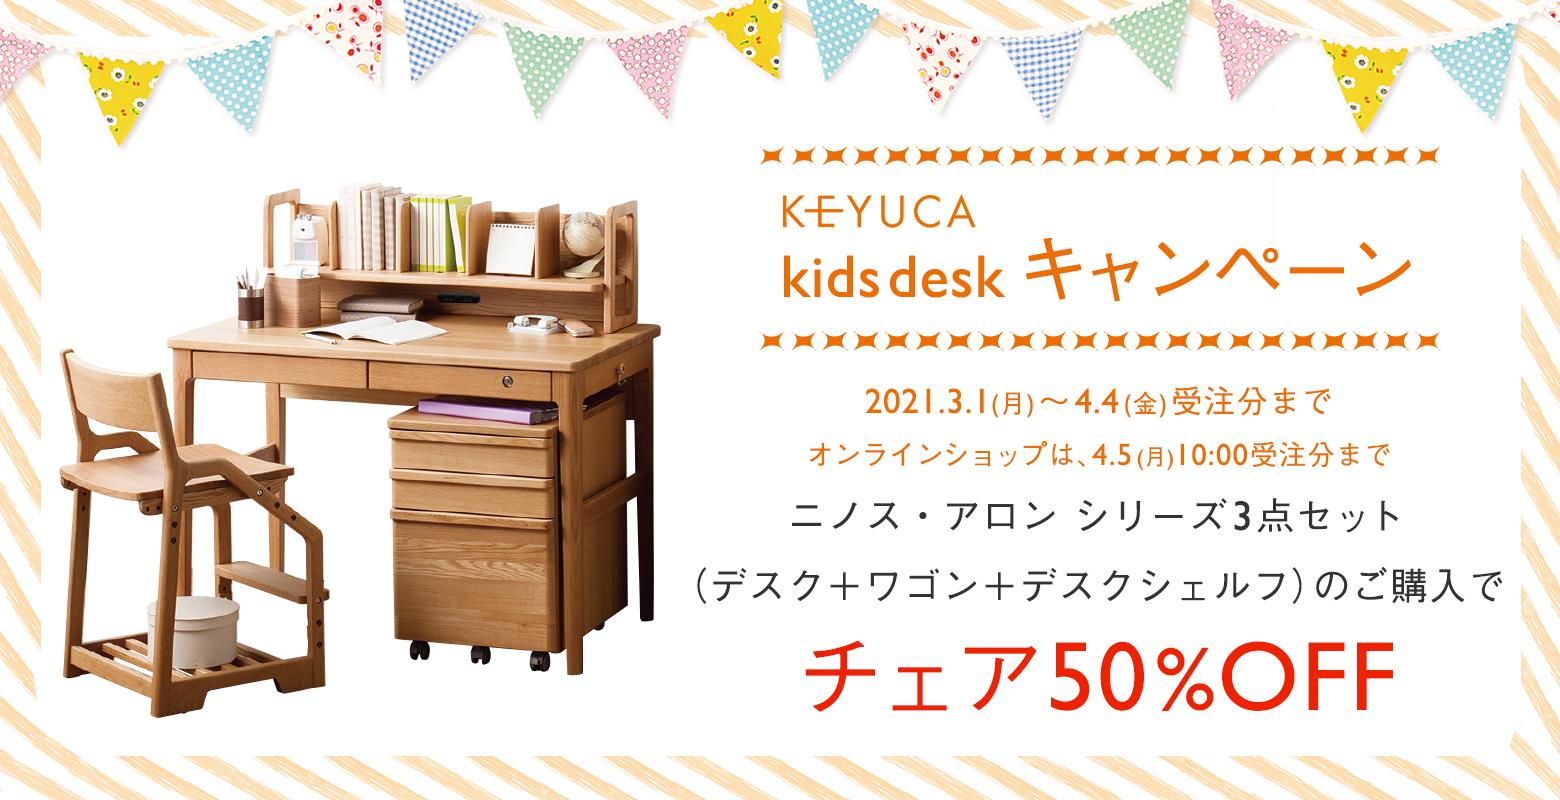 キッズ家具キャンペーン2021年3月